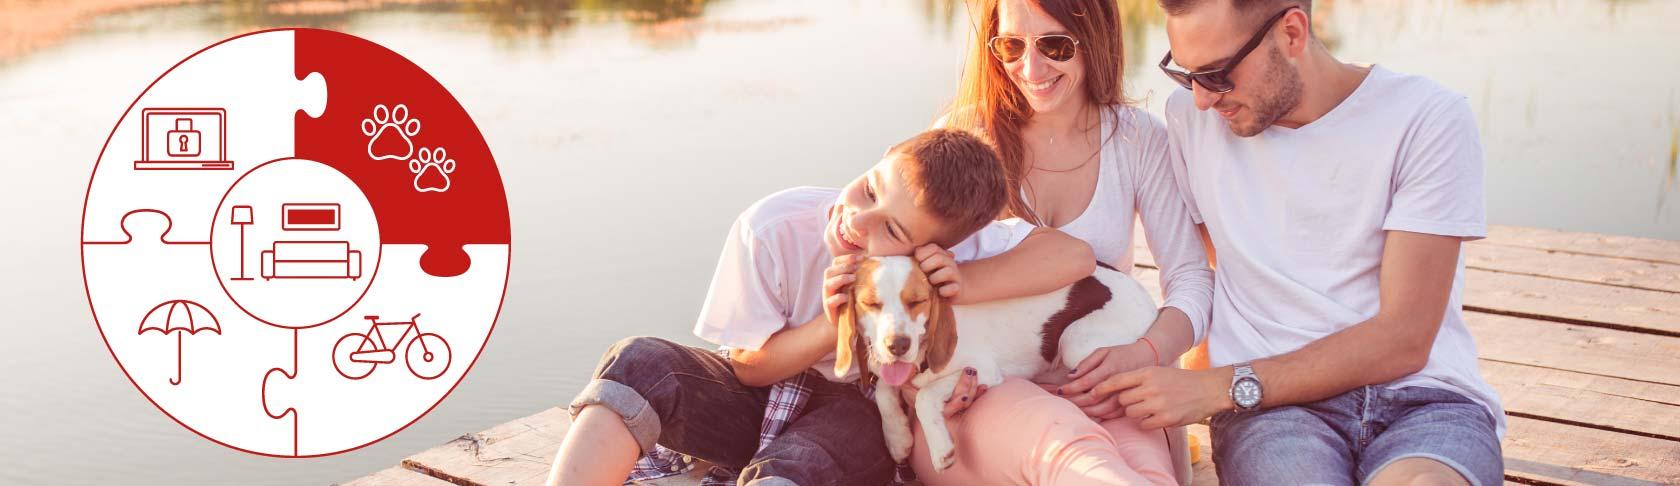 Assicurazione animali domestici generali for Assicurazione domestica